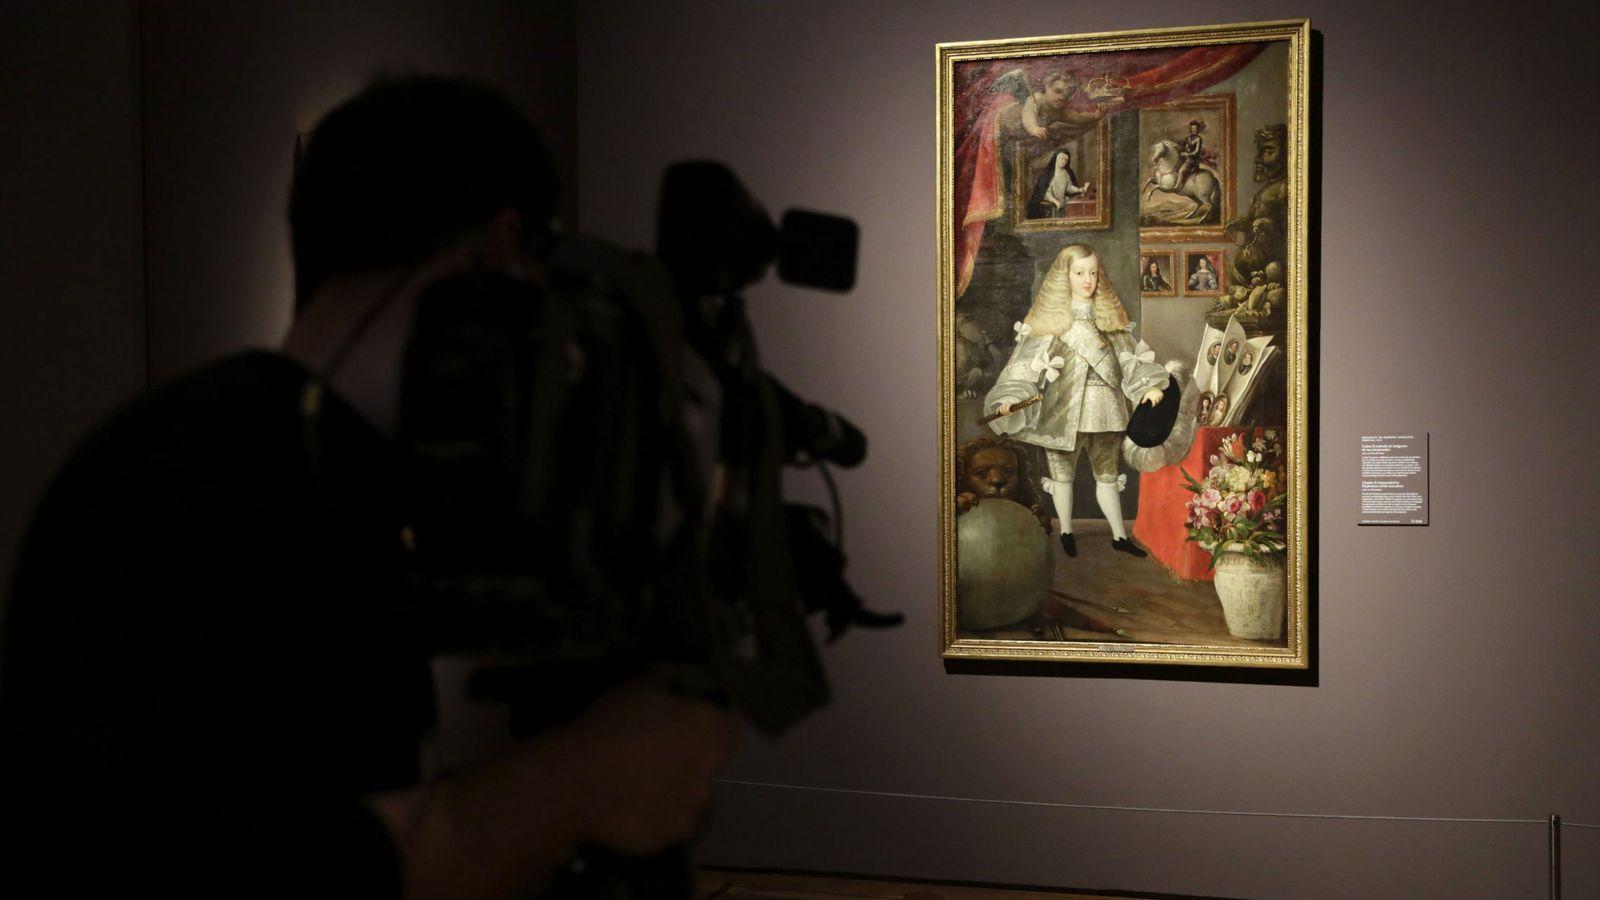 Arte: El arte se mira al ombligo en el Museo del Prado